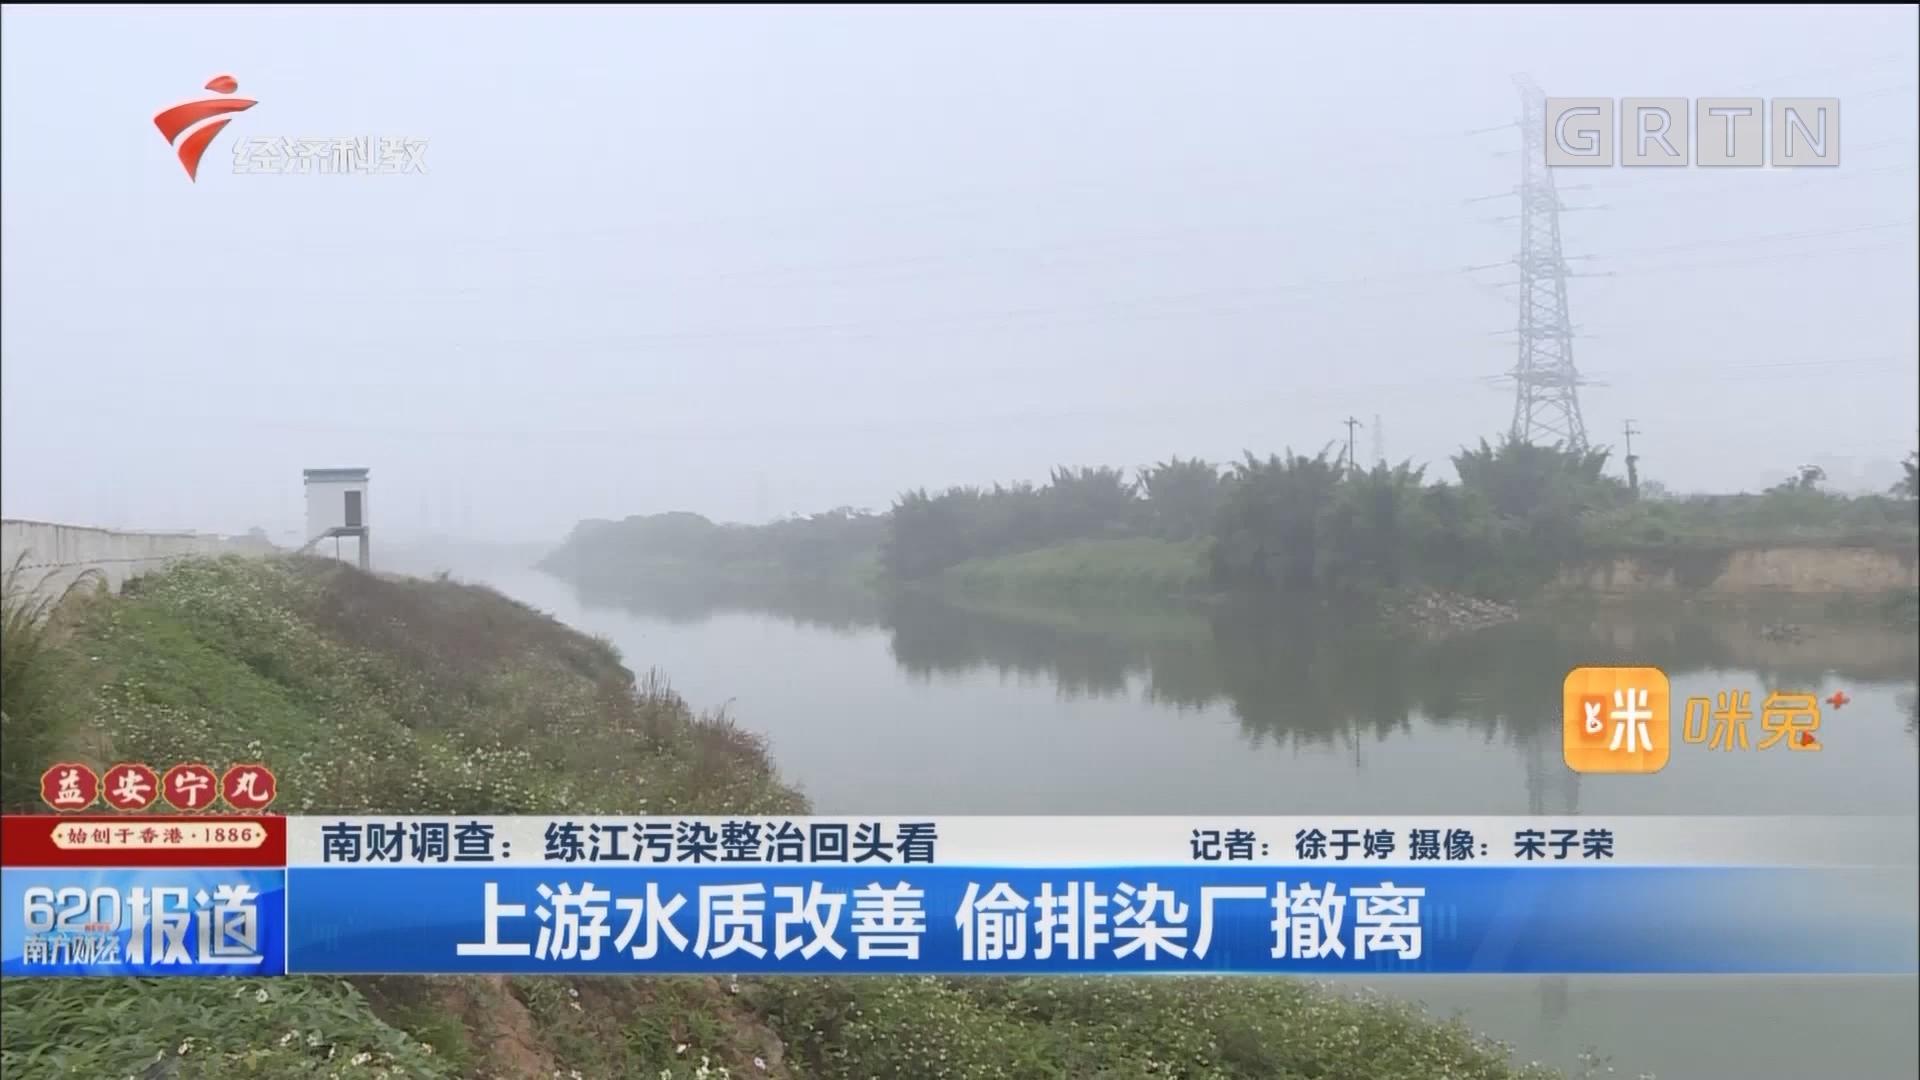 南财调查:练江污染整治回头看 上游水质改善 偷排染厂撤离